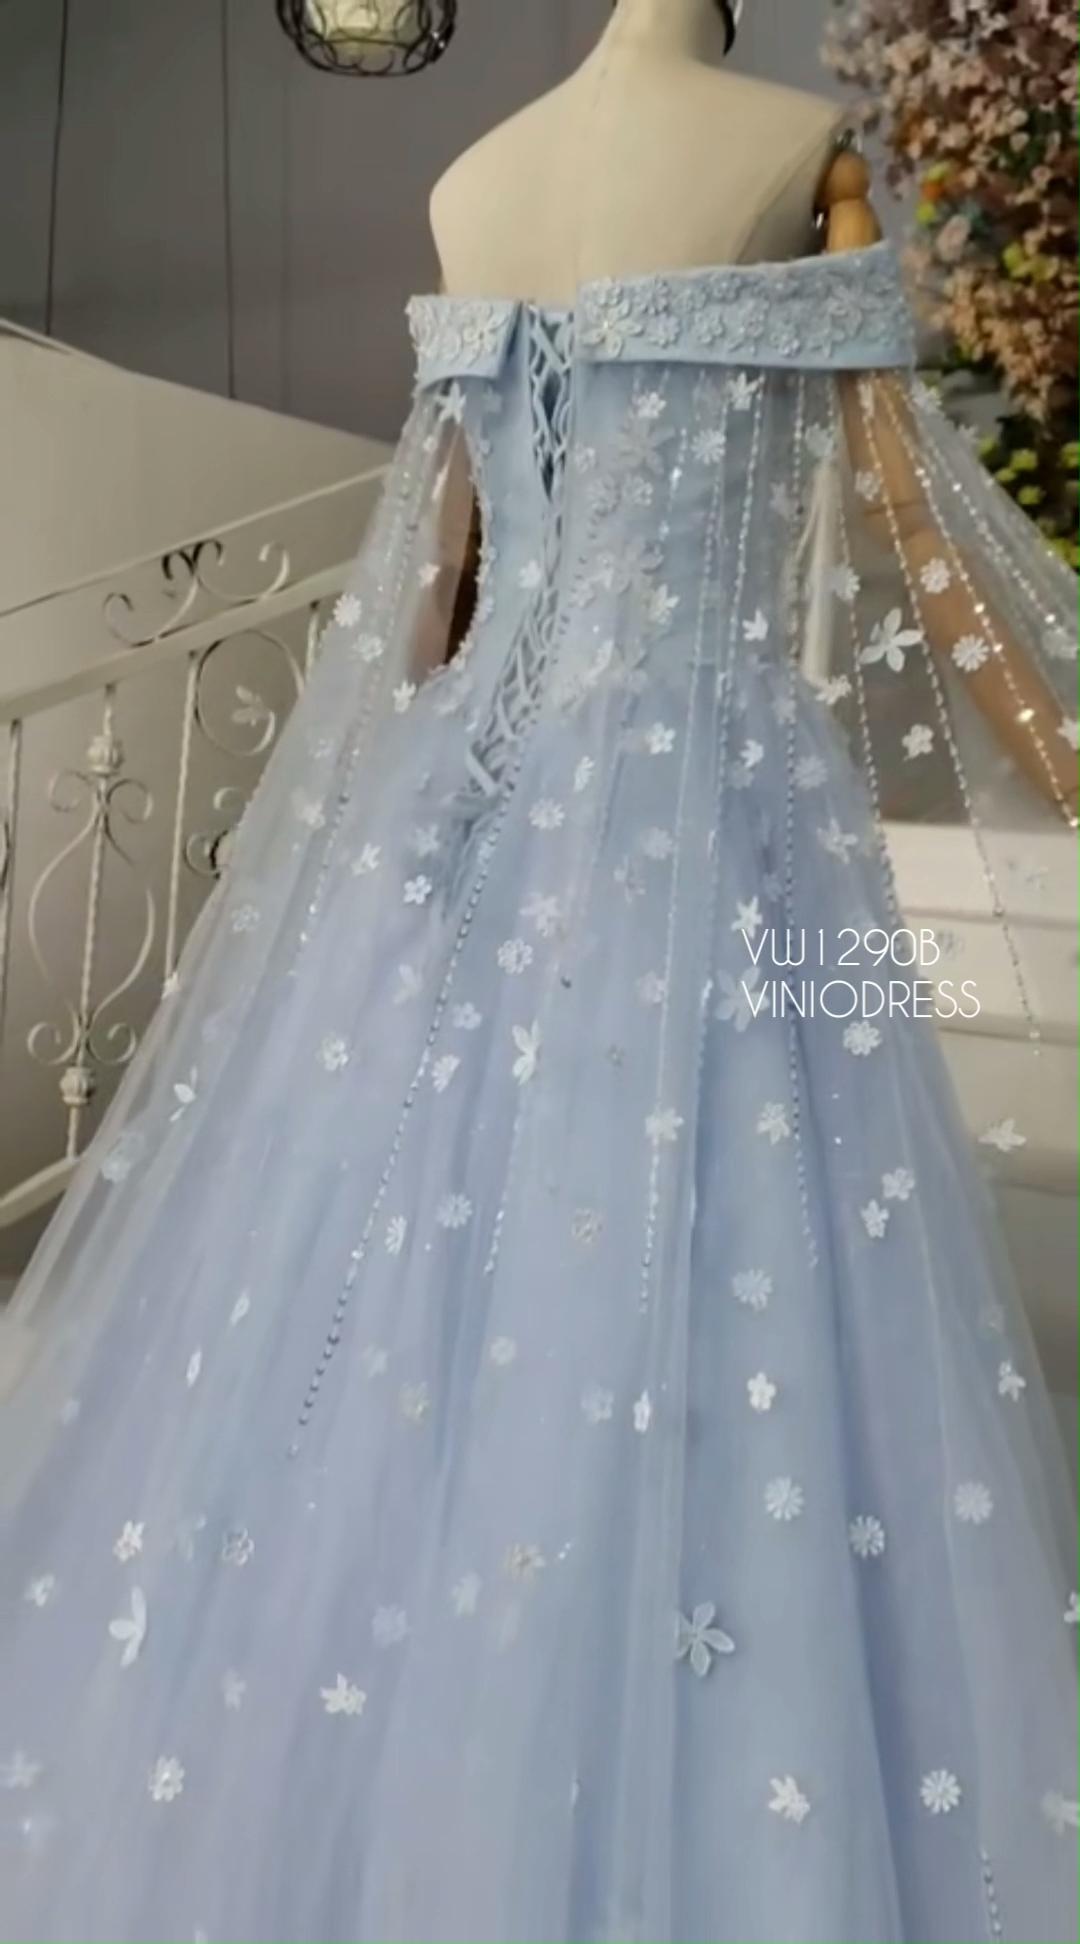 3d Floral Light Blue Princess Dress With Cape Couture Couturefashion Prom Style Fashion Sourc Sparkly Prom Dresses Prom Dresses Princess Prom Dresses [ 1944 x 1080 Pixel ]